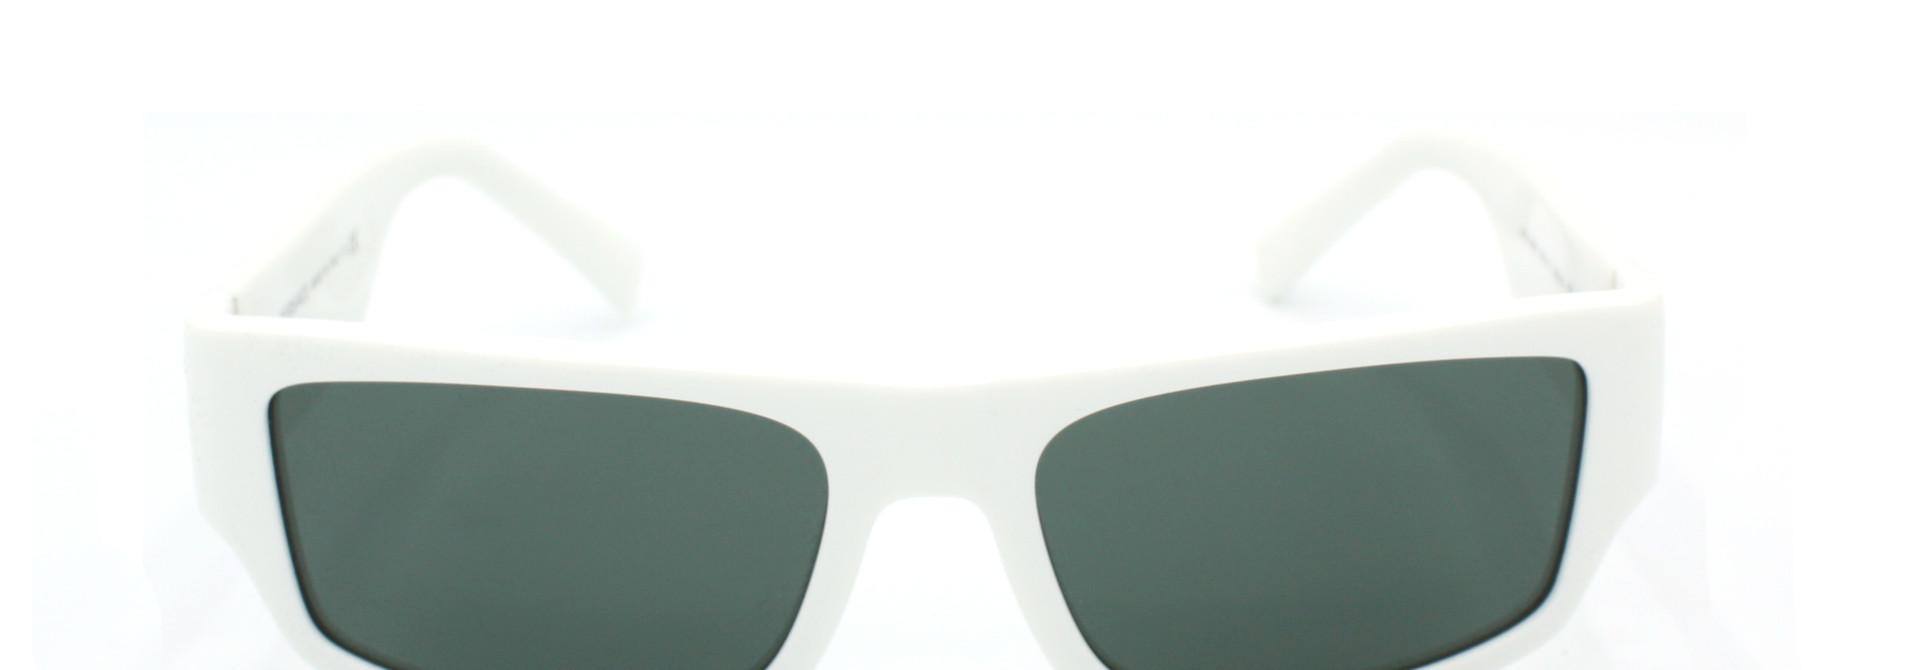 Versace - VE4361 - 52177353